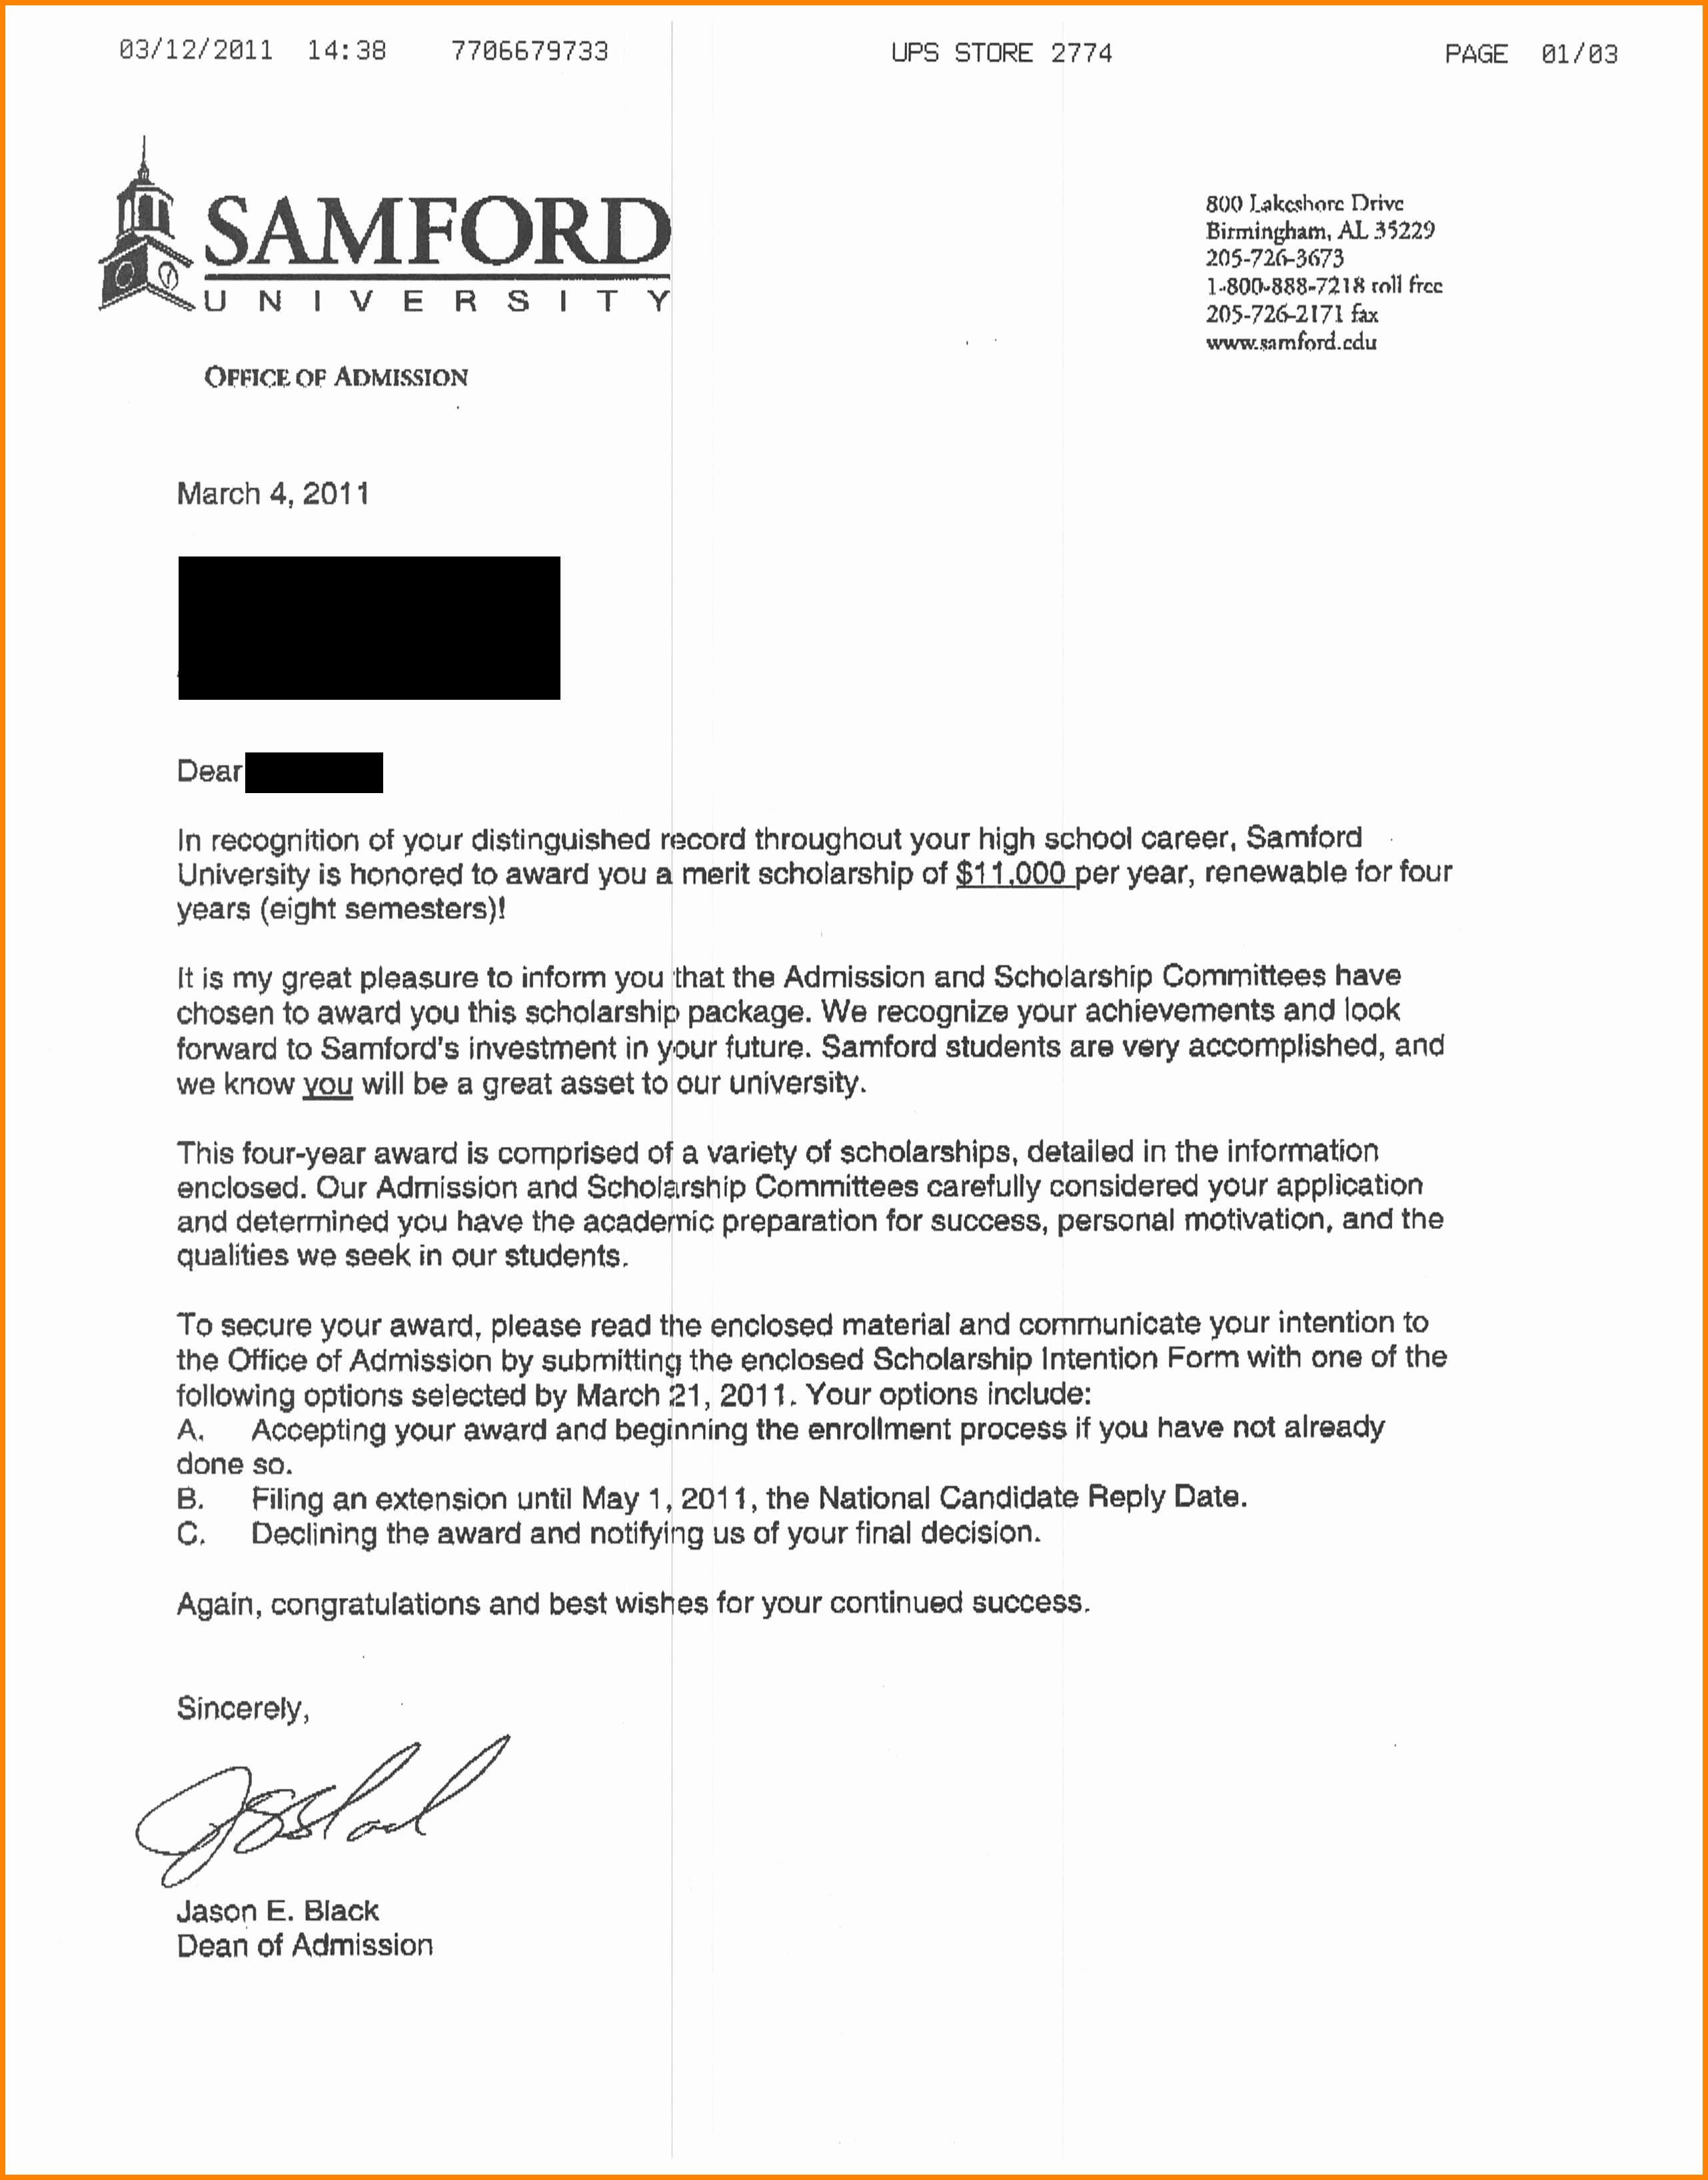 College Acceptance Letter Sample Elegant 6 College Acceptance Letter Sample